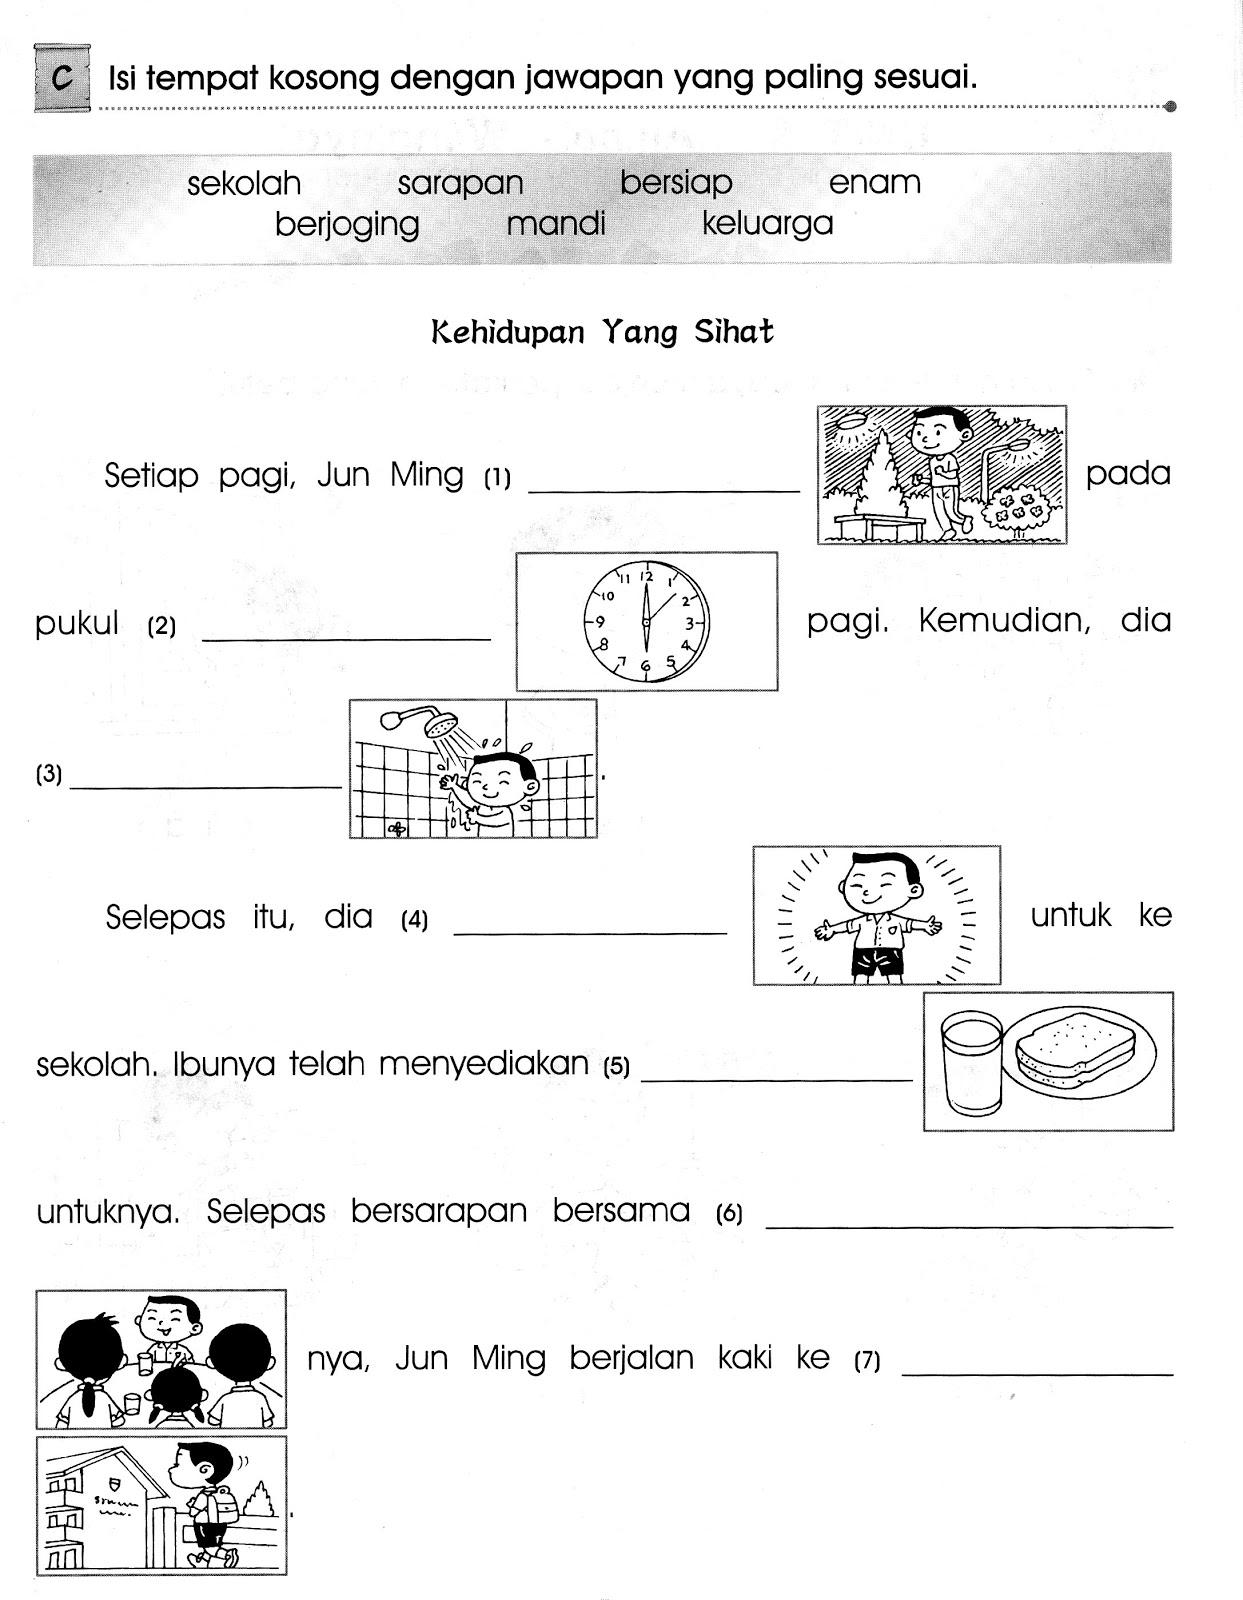 Selamat Datang Ke Blog Mbmmbi Sjkc Peay Min Latihan